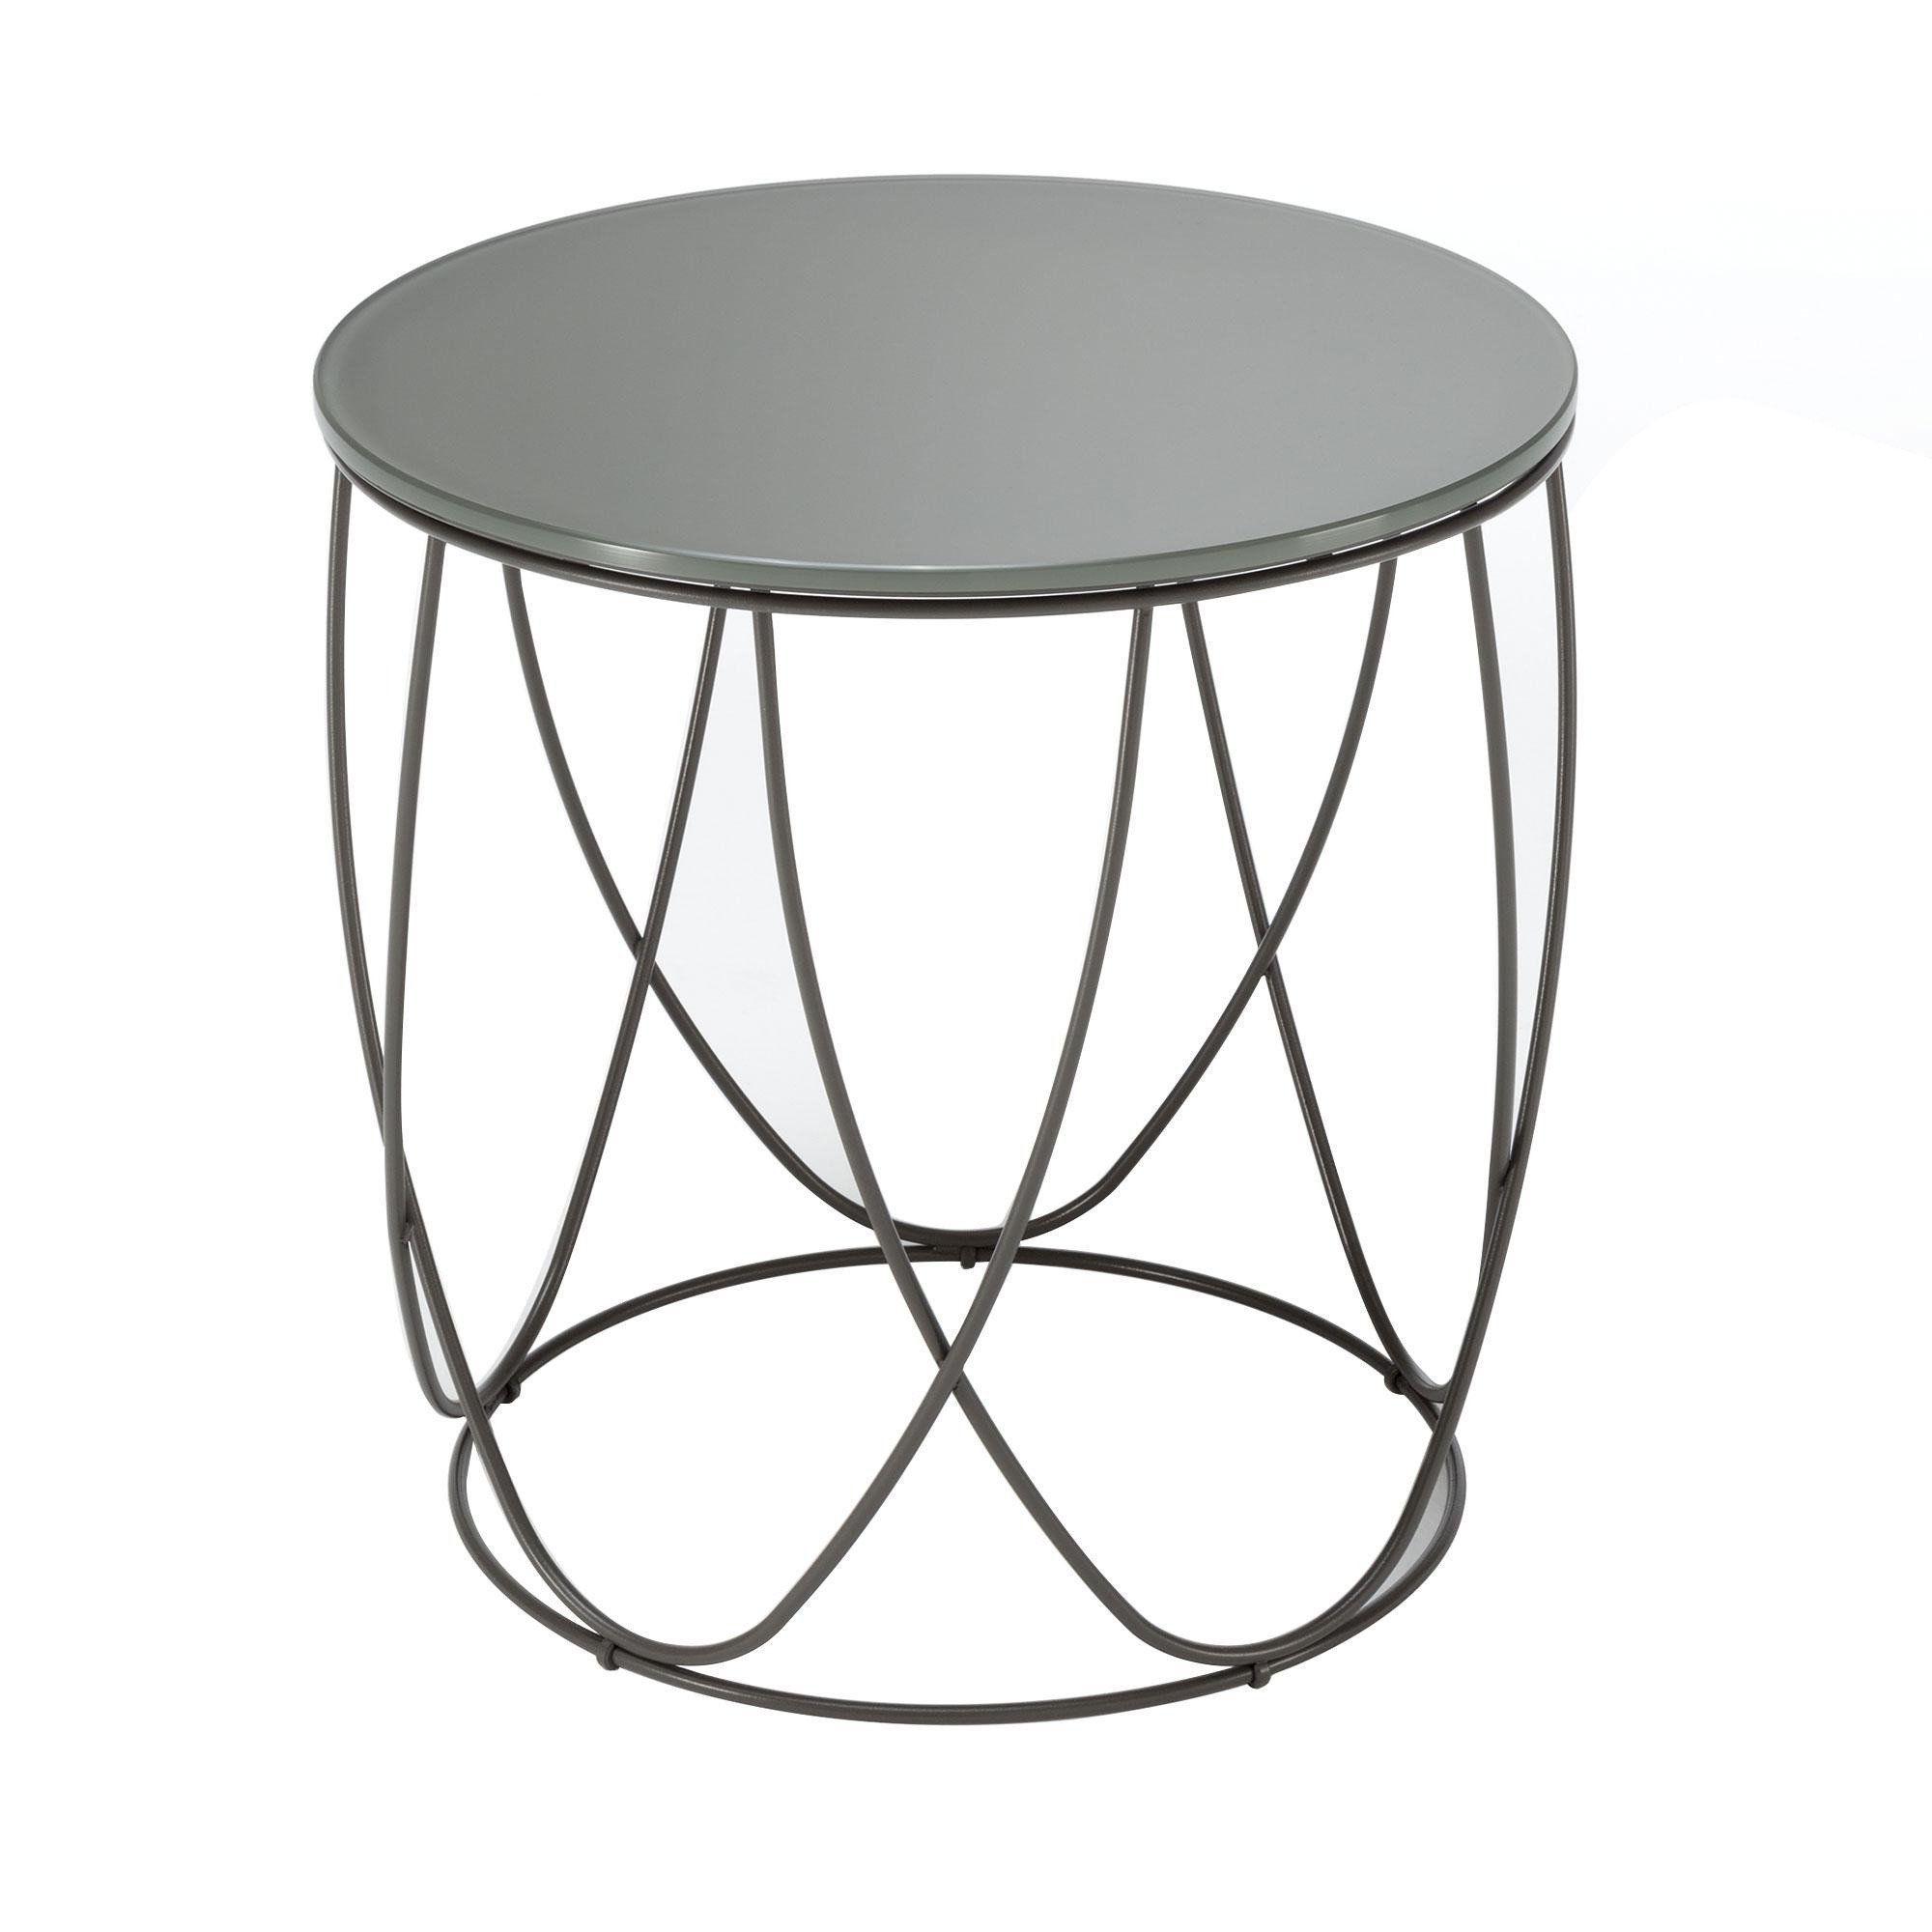 rolf benz 8770 salontafel 42cm rolf benz. Black Bedroom Furniture Sets. Home Design Ideas